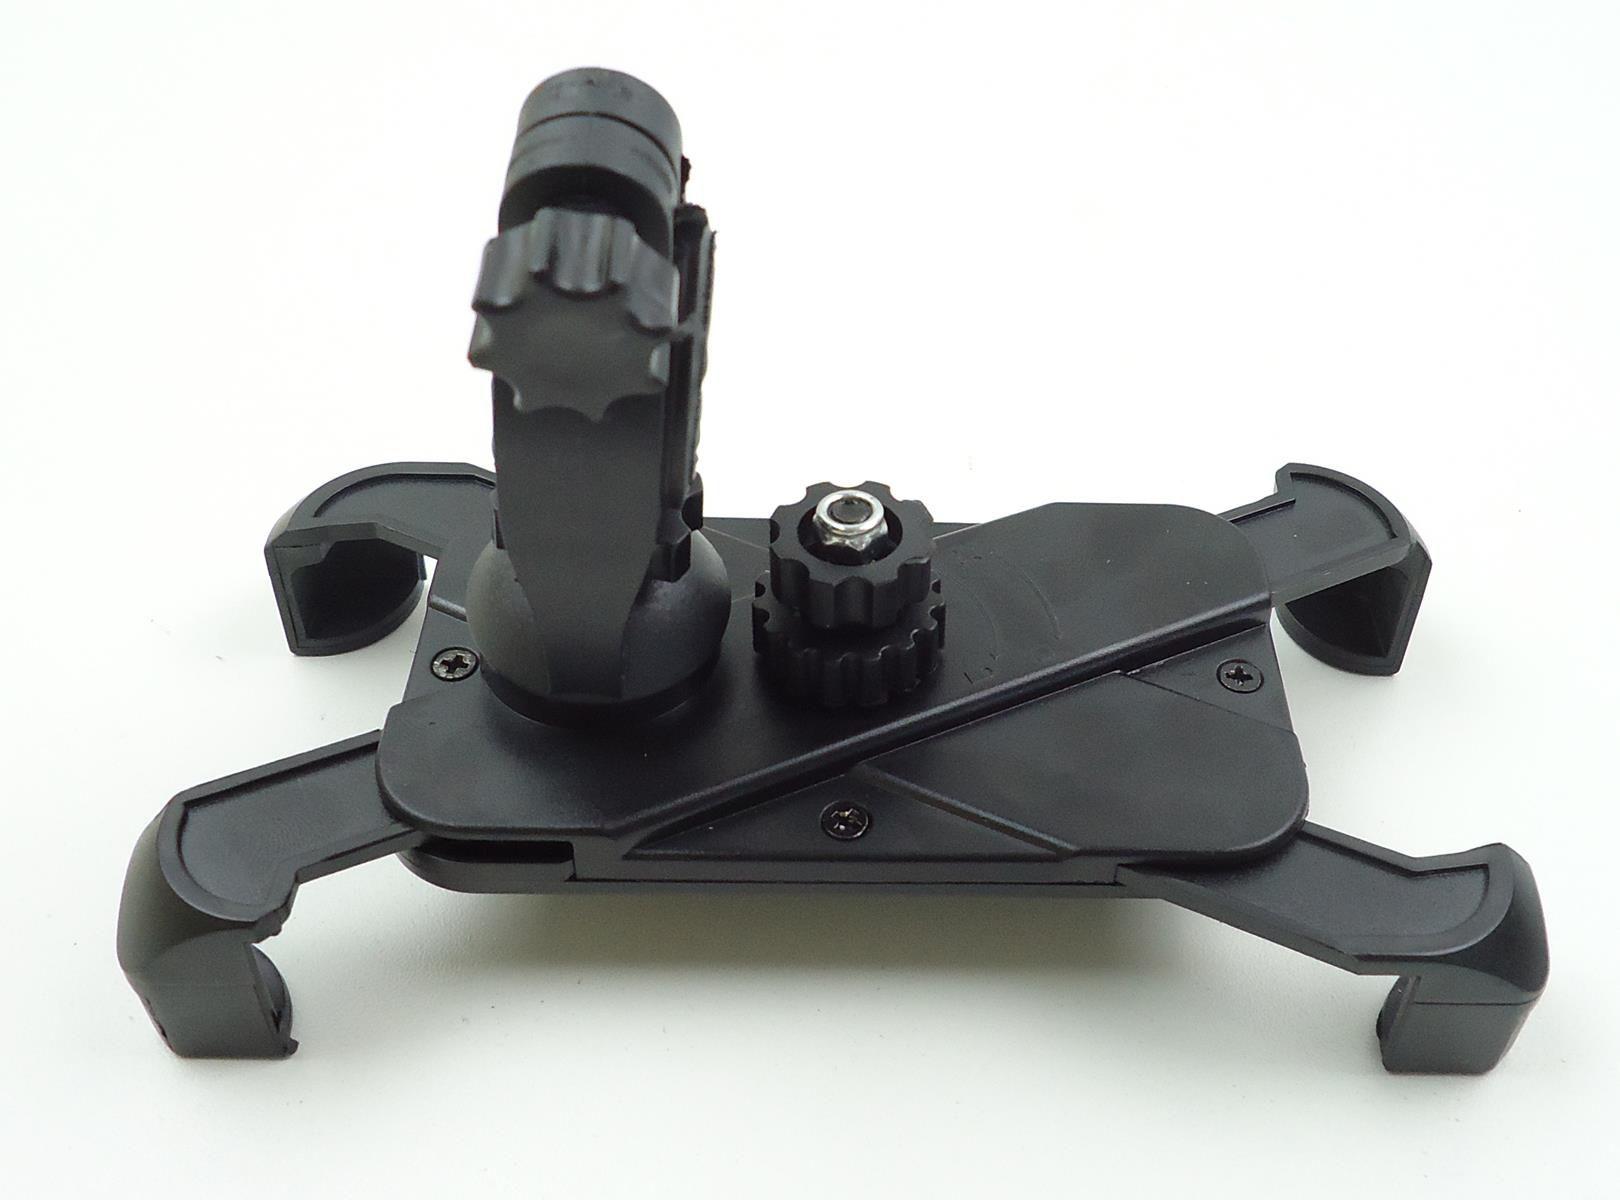 Suporte de Celular Universal Para Bicicletas com Fixação no Guidão Serve 4.5 até 6.7 polegadas